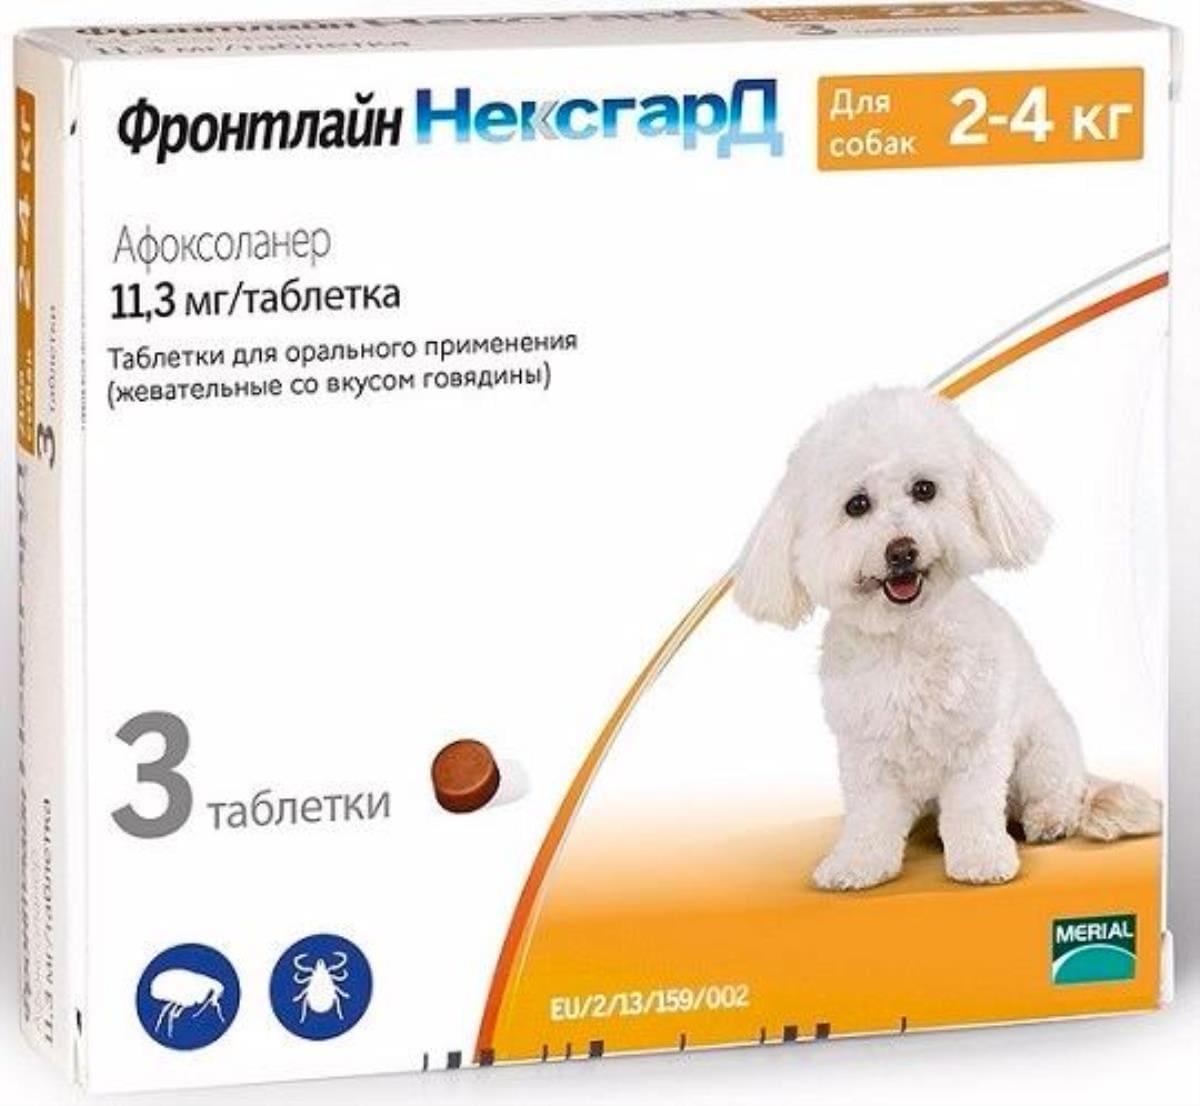 Таблетки бравекто от клещей для собак